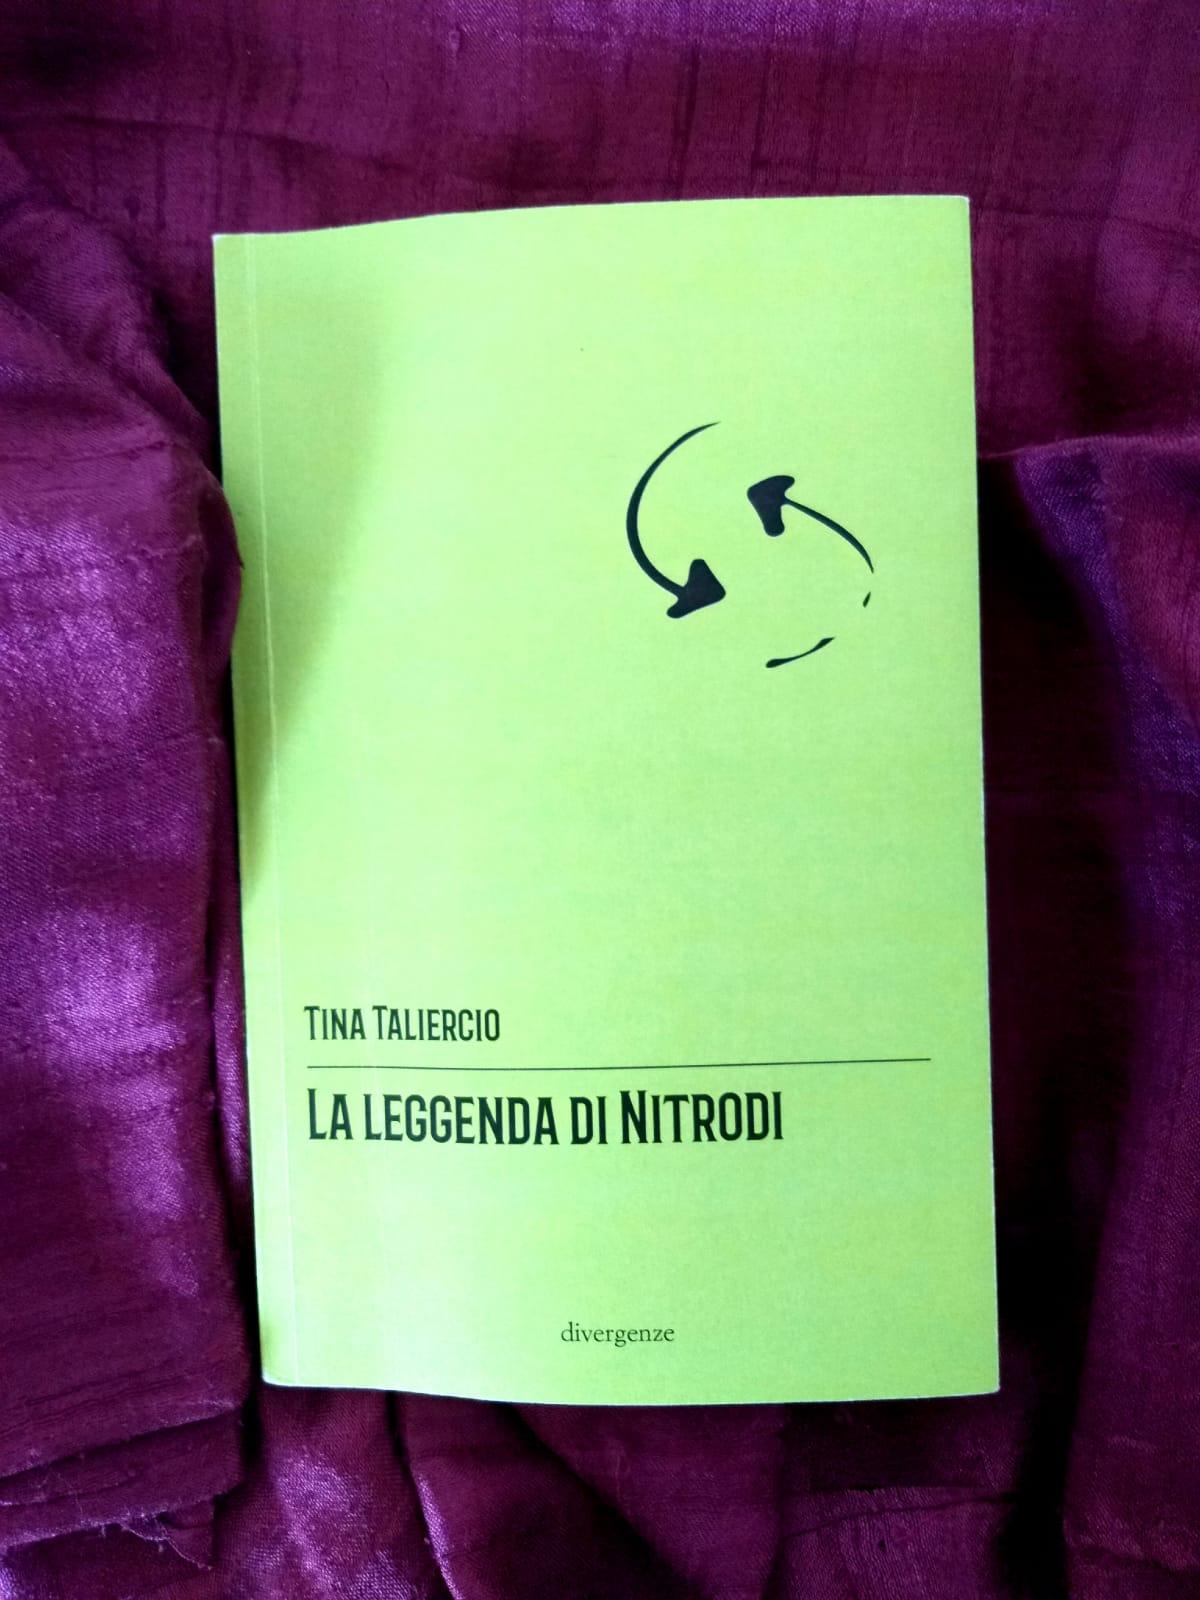 La leggenda di Nitrodi di Tina Taliercio